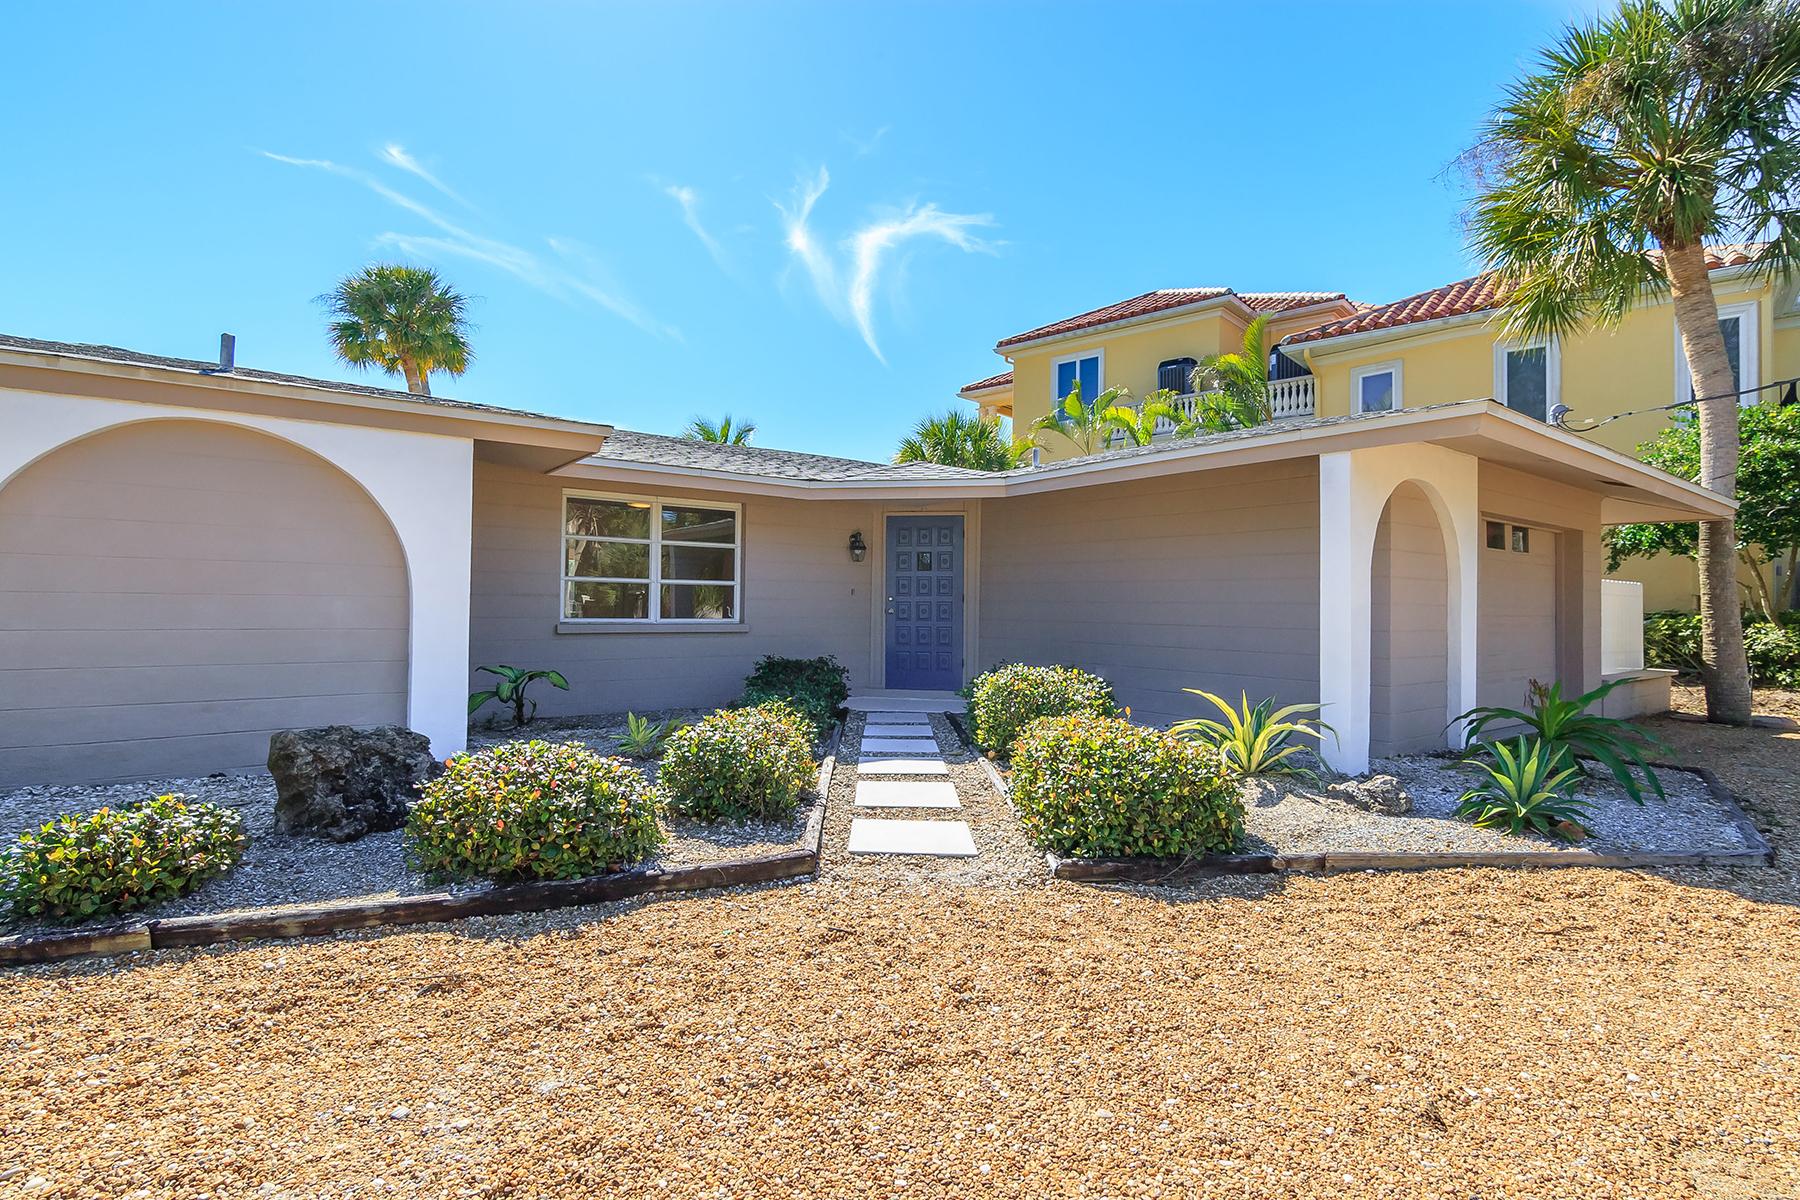 Частный односемейный дом для того Продажа на CASEY KEY 906 Casey Cove Dr Nokomis, Флорида, 34275 Соединенные Штаты